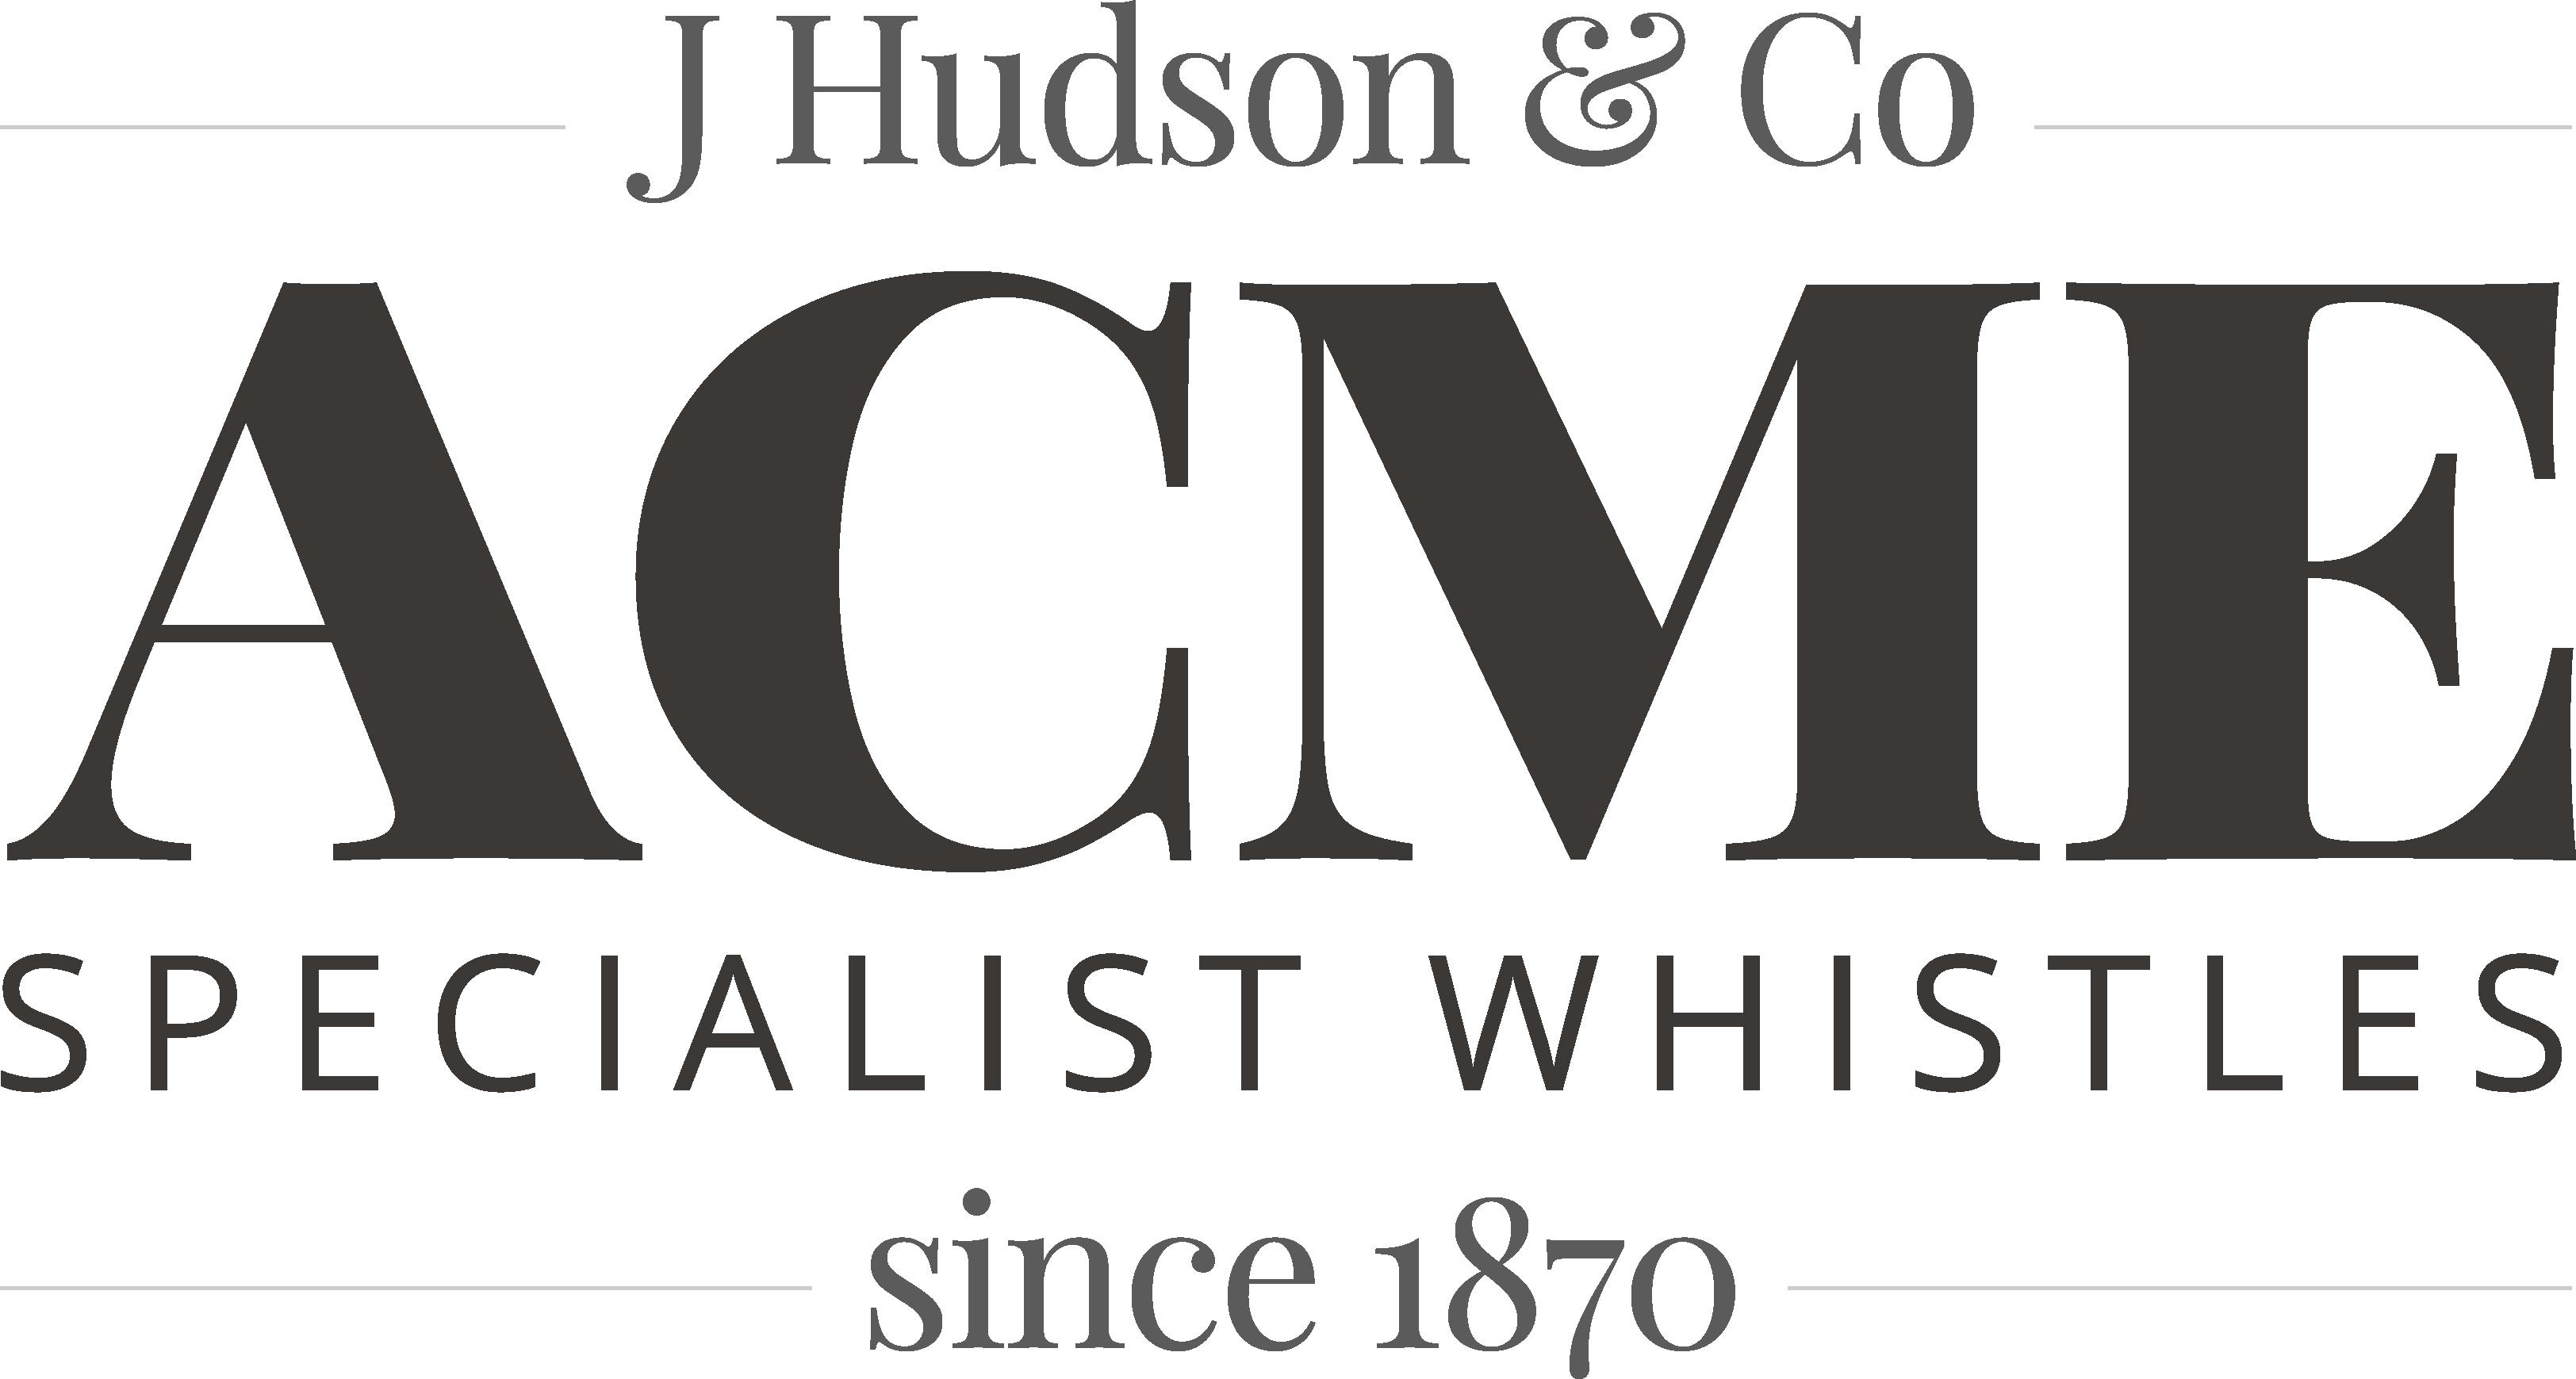 ACME Hudson Whistles